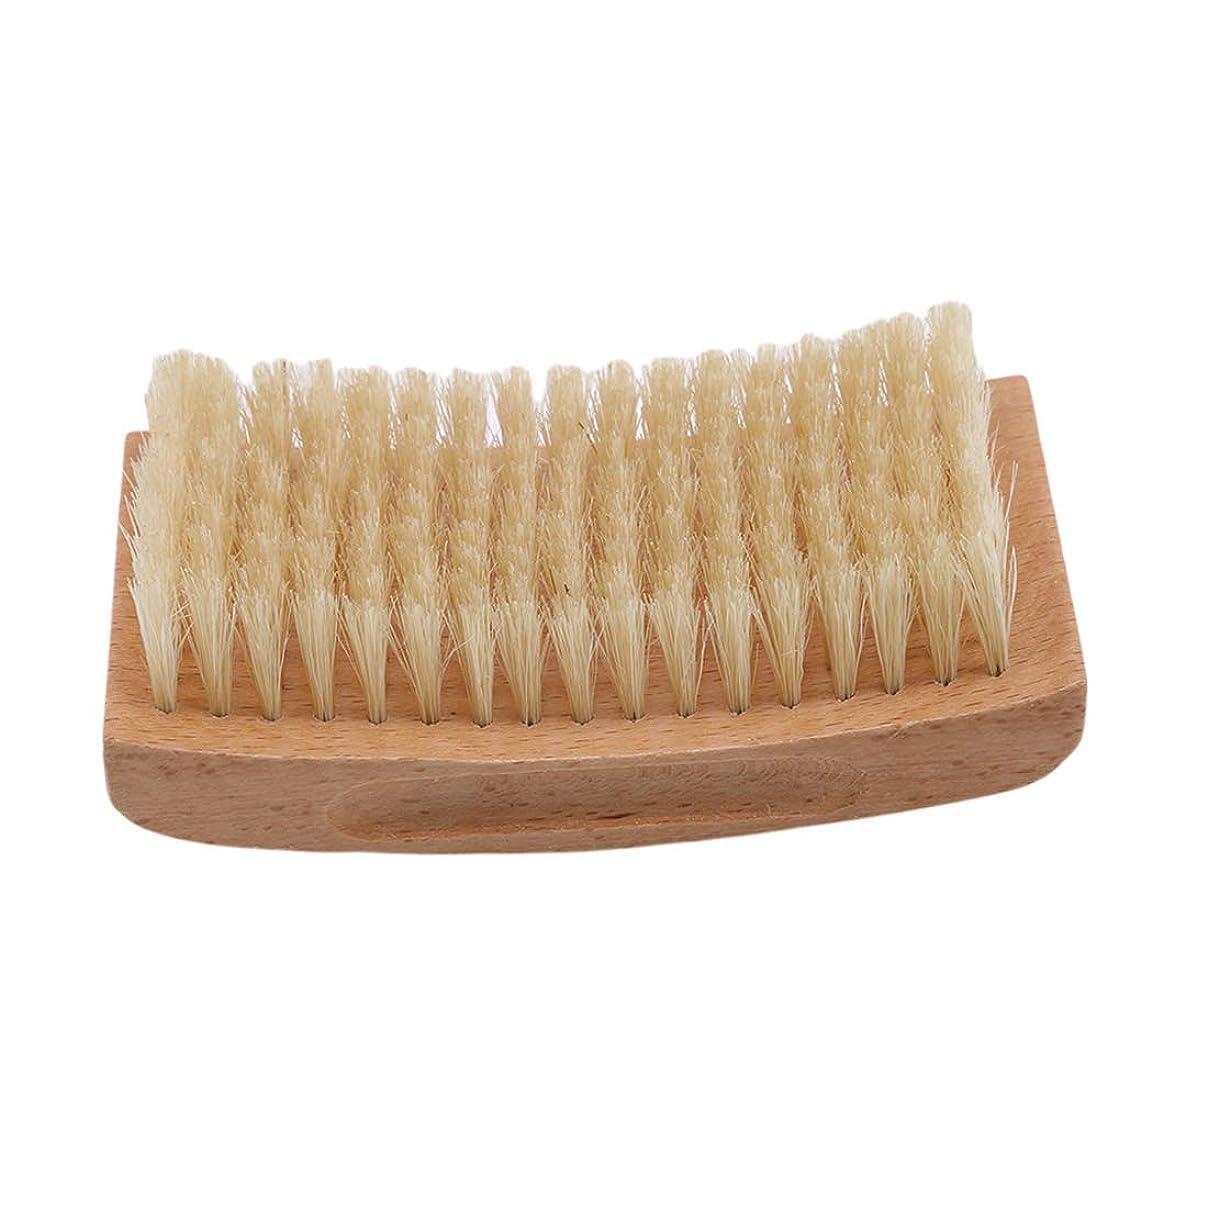 降臨活気づける水分KLUMA ひげブラシ シェービングブラシ 理容 洗顔 髭剃り 泡立ち 洗顔ブラシ 2#